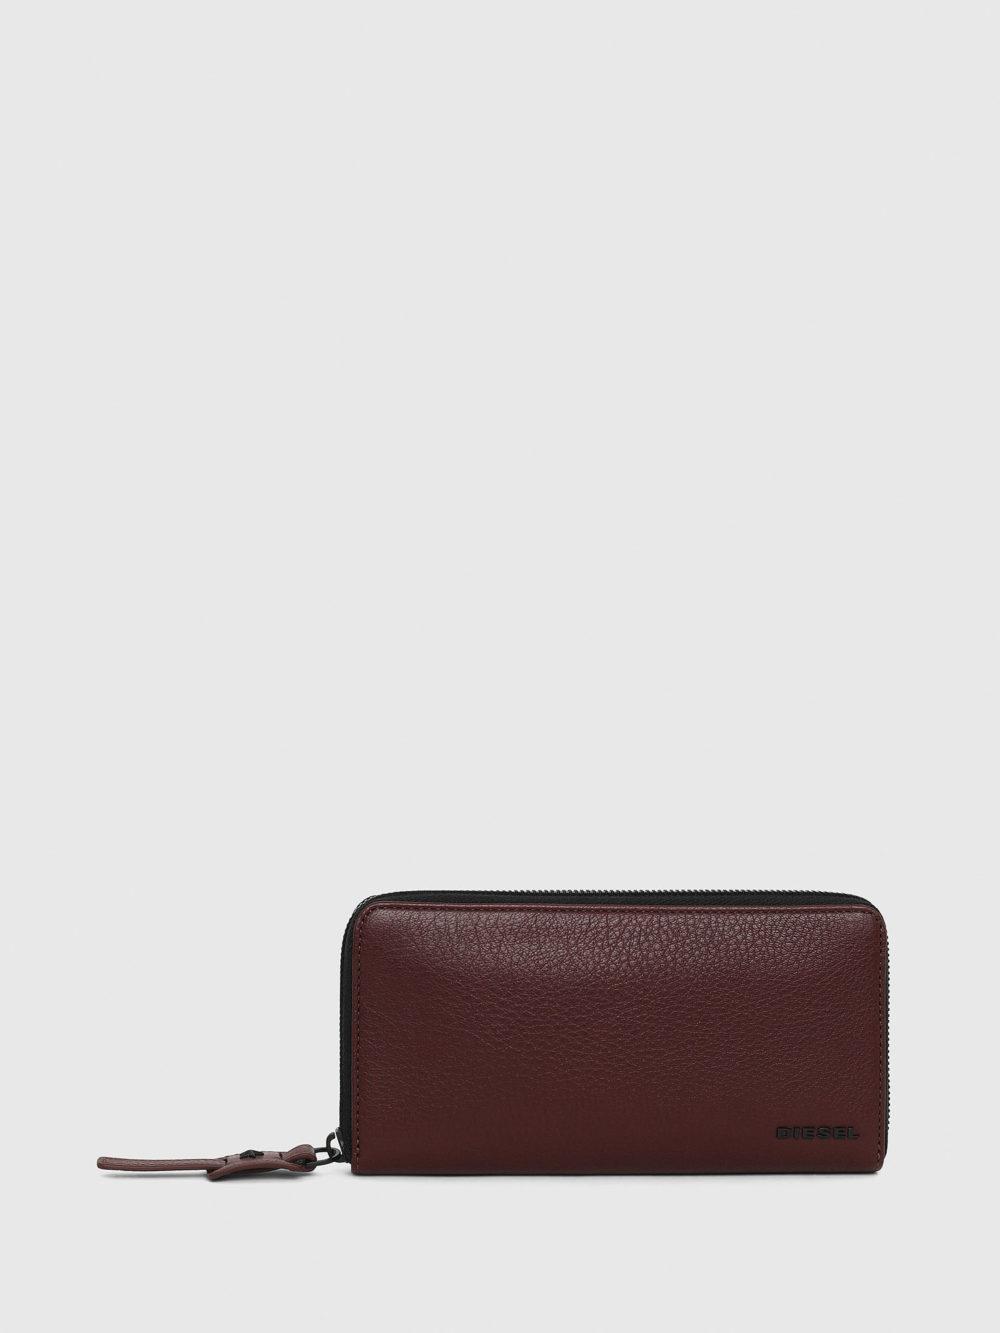 DIESEL ワインレッド 財布